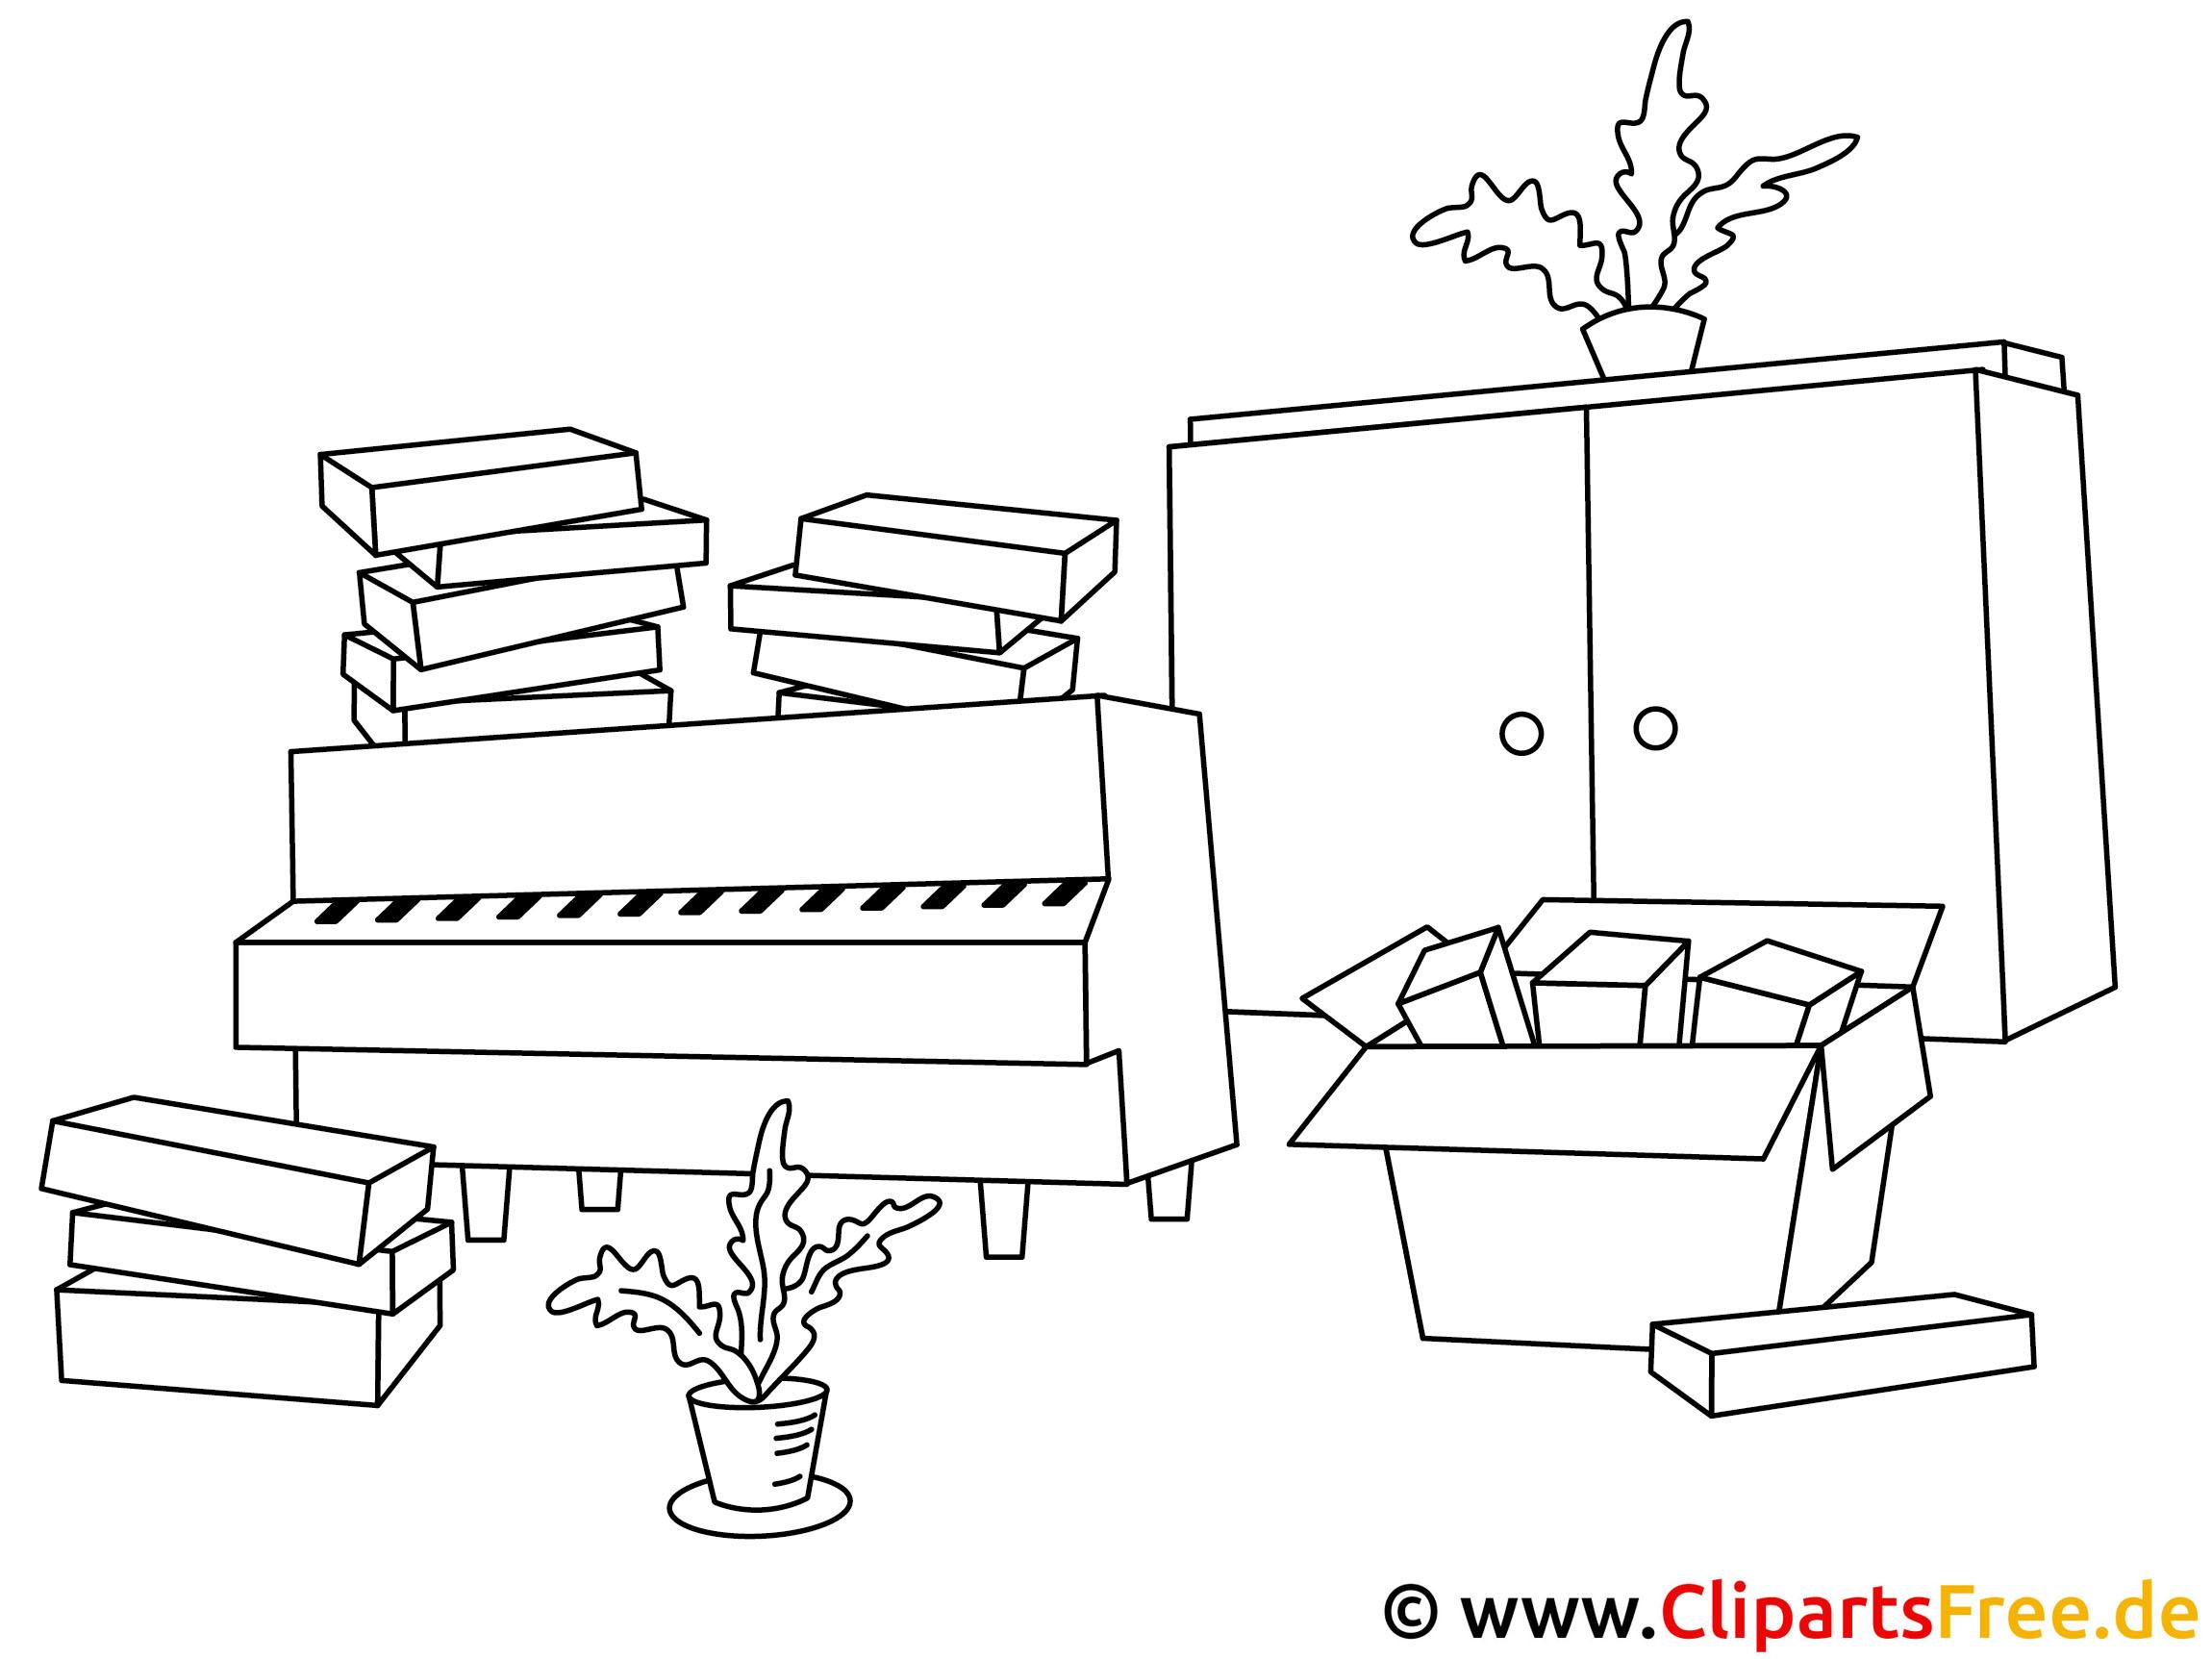 Ausmalbilder Küche Zum Ausdrucken: Möbel Ausmalbilder Zum Ausmalen